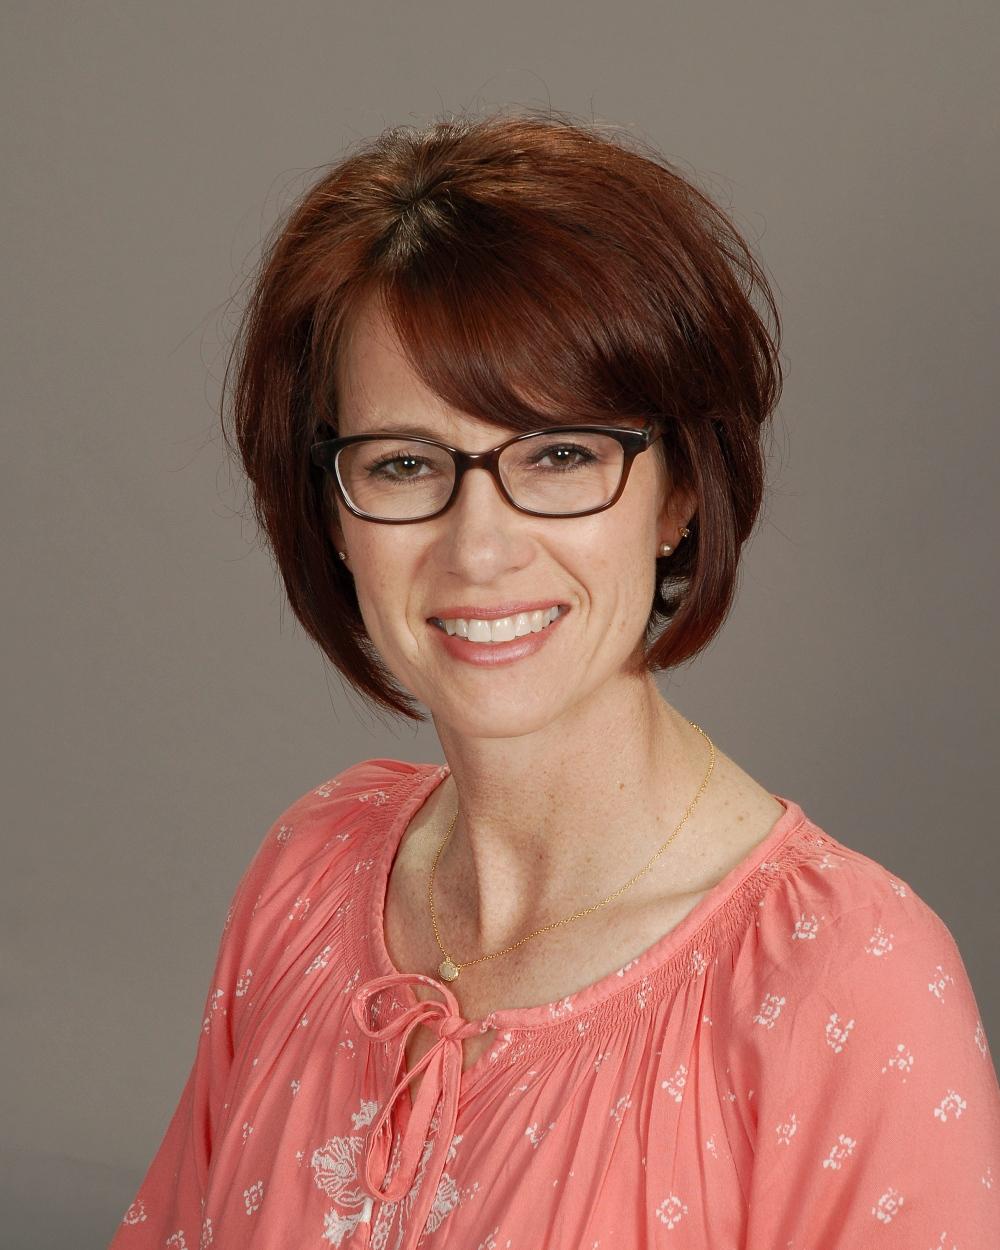 Elizabeth Thompson - Children's Director